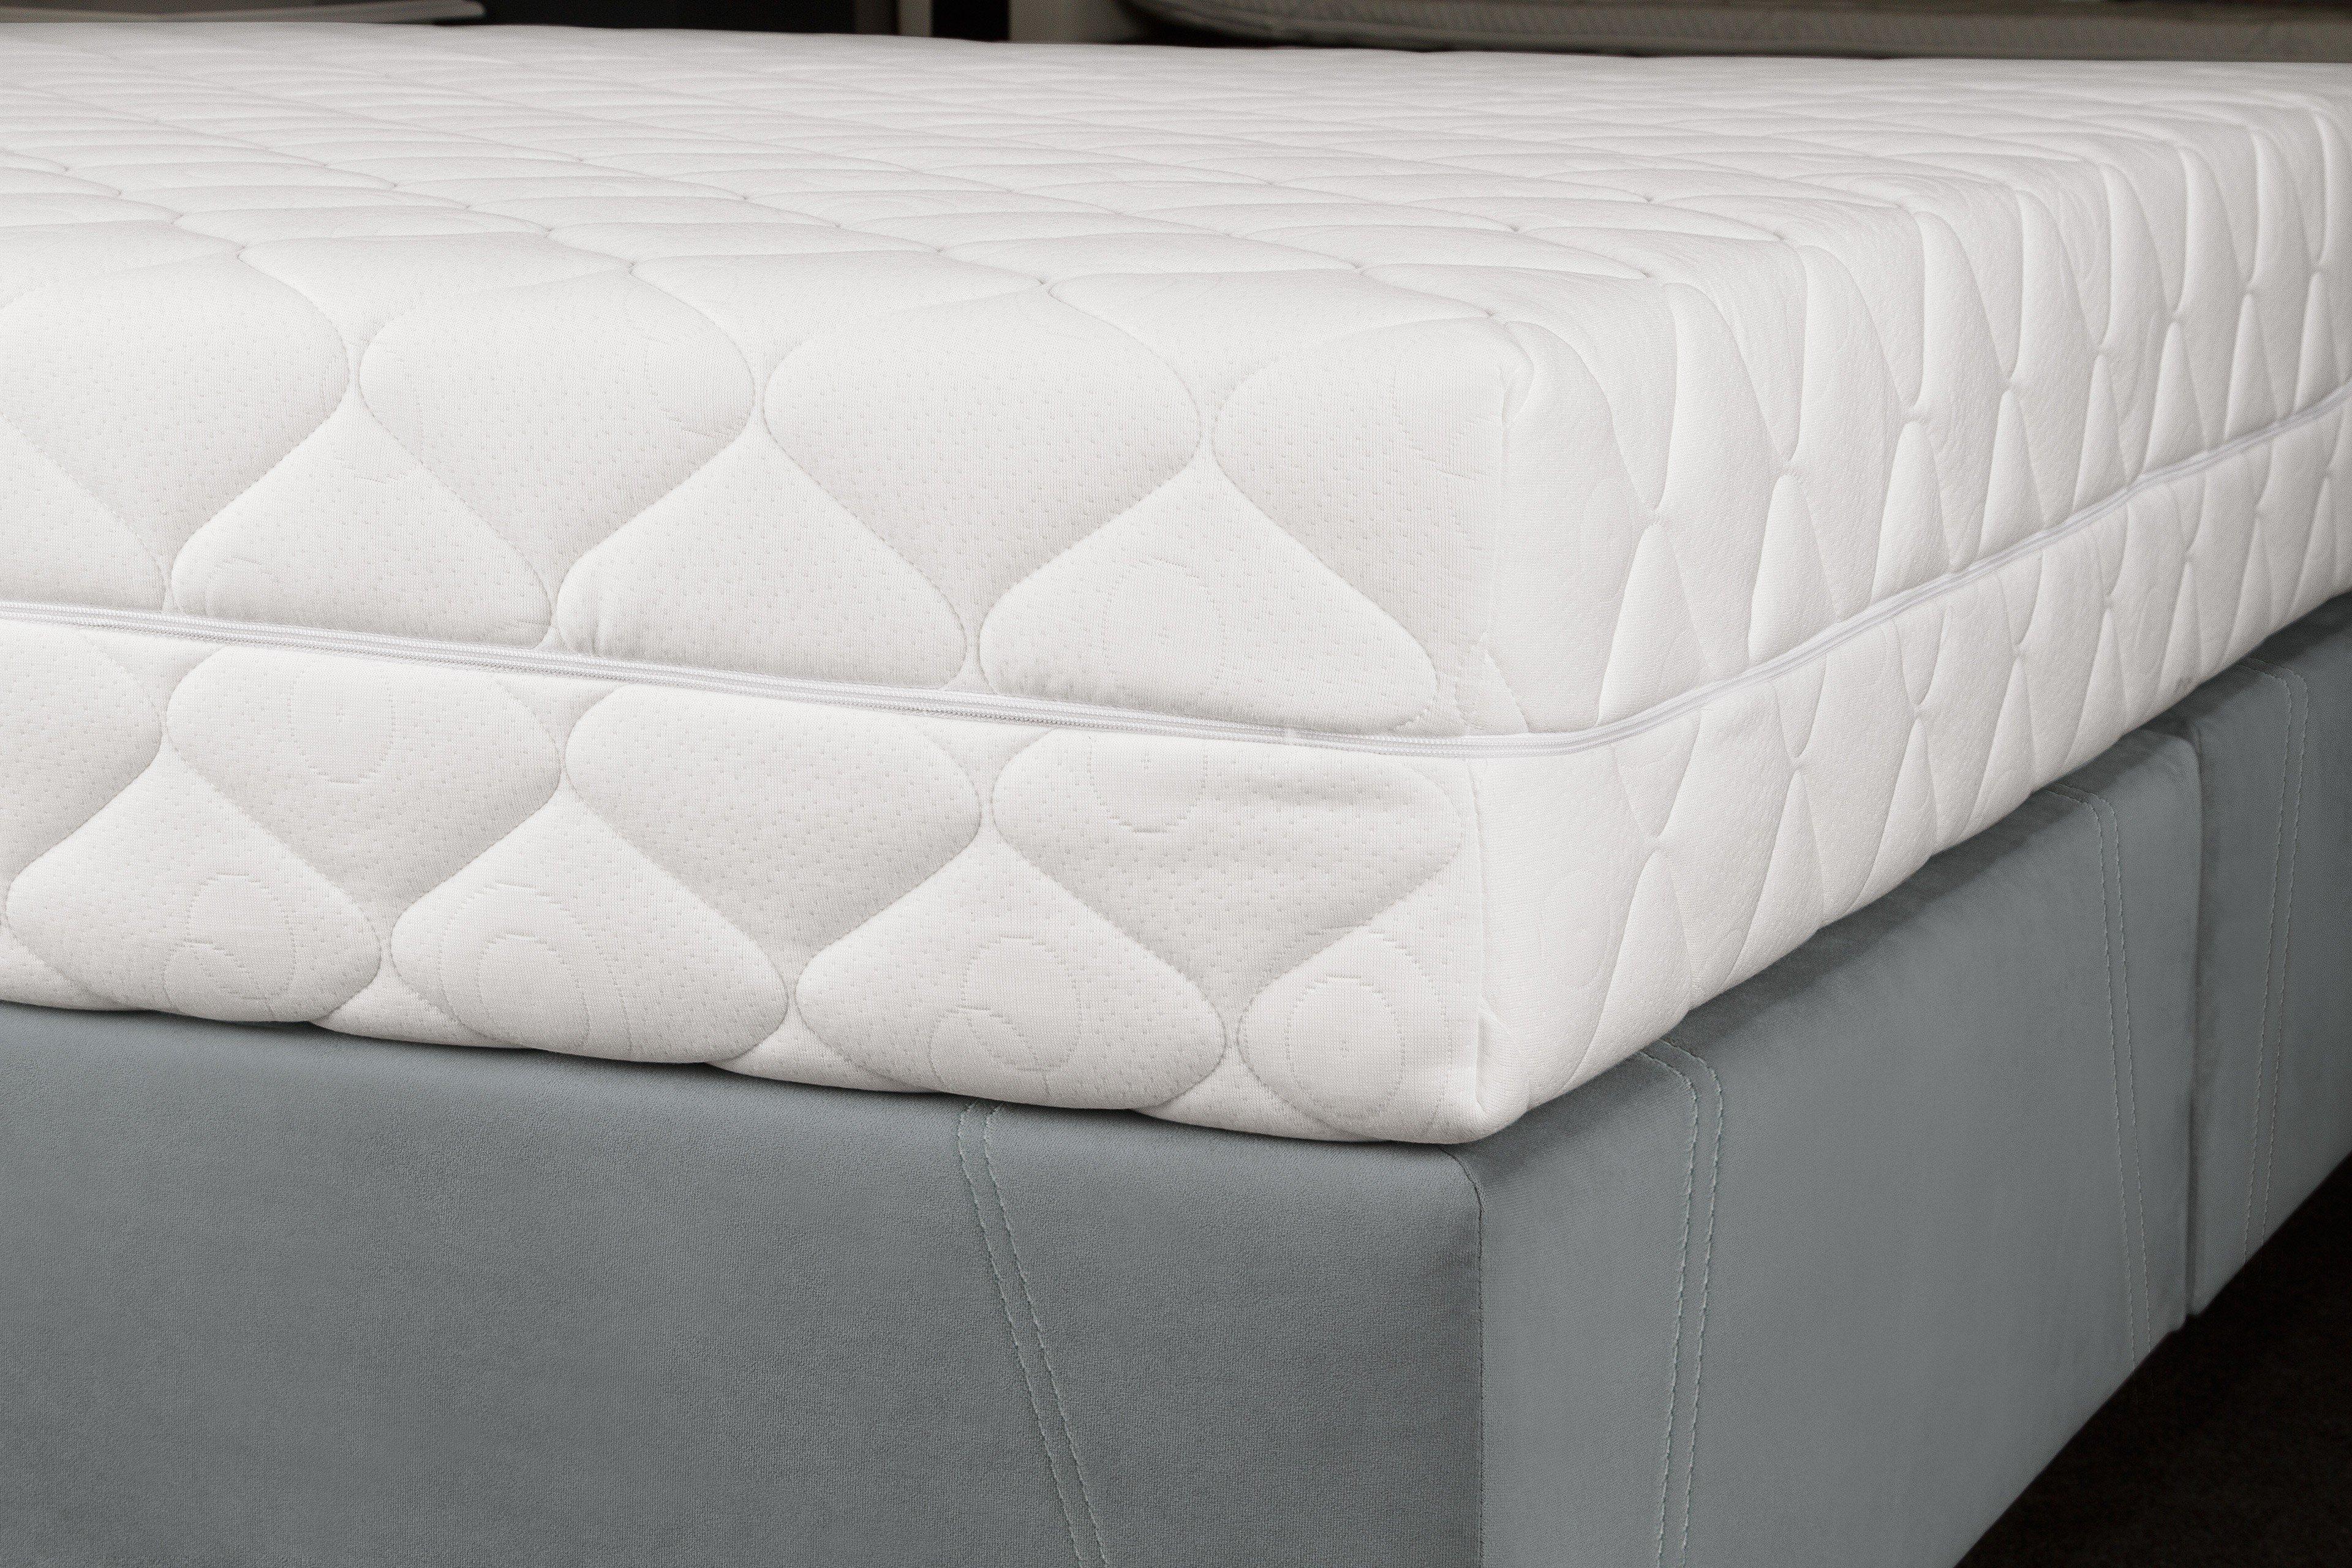 polsterbett diamond von hapo mit bettkasten und. Black Bedroom Furniture Sets. Home Design Ideas